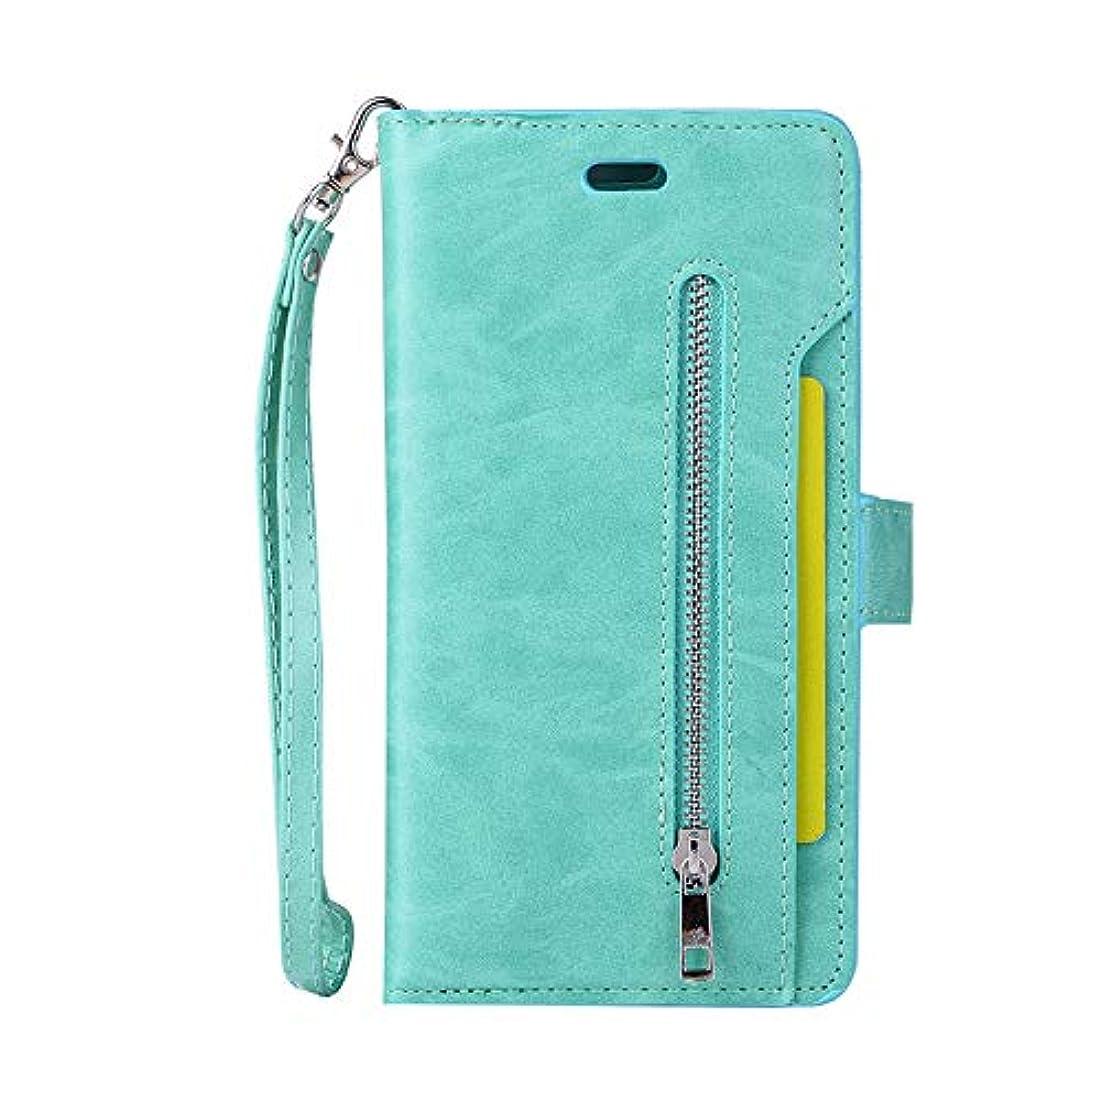 設置対称疲れたスマホケース Iphone 7 Plus カード収納、SIMPLE DO マグネット式吸着 分離式 全面クリア スタンド機能 男子 メンズ 高品質 ビジネス用 通勤 通学 おしゃれ(グリーン)